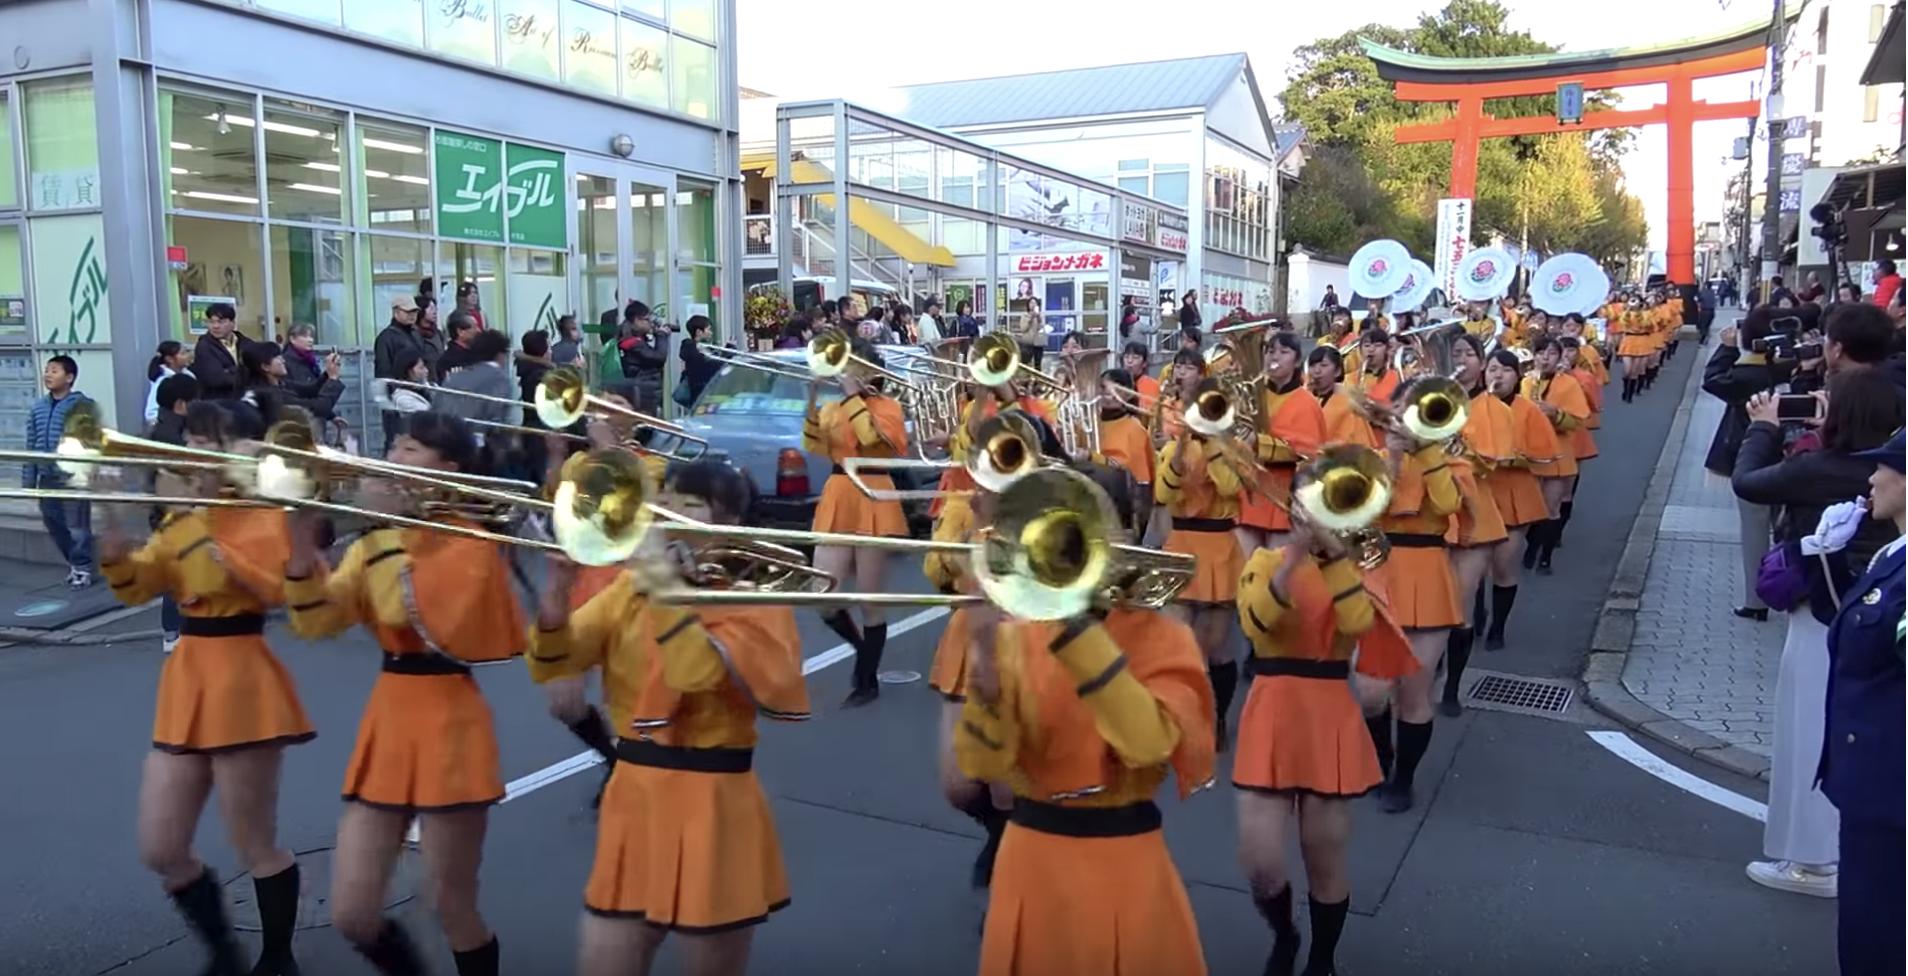 部 吹奏楽 ローズ 京都 パレード 橘 高校